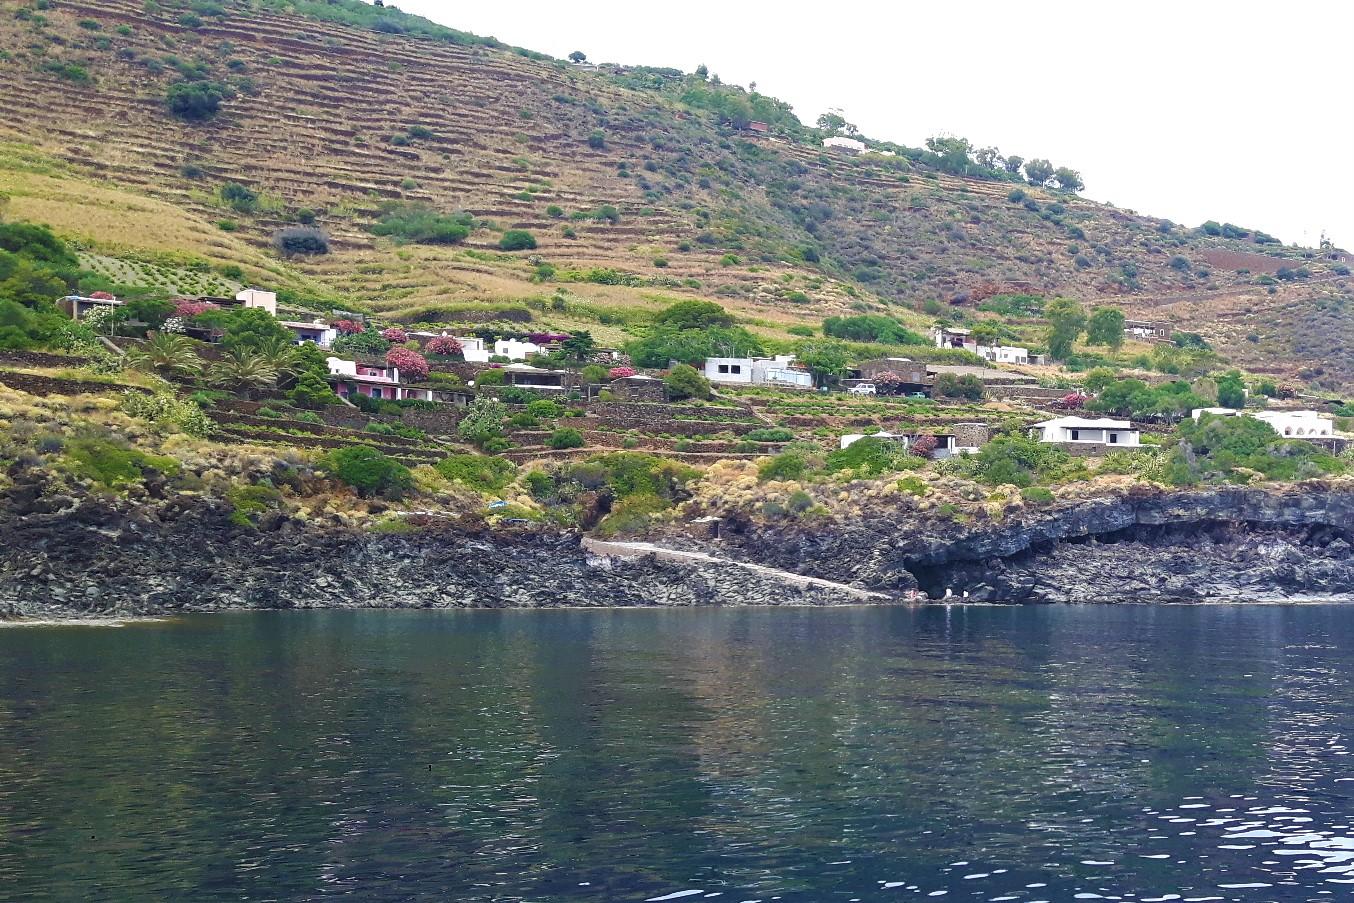 Vigneti e terrazzamenti a Pantelleria. Credits: Ph. Andrea Di Bella